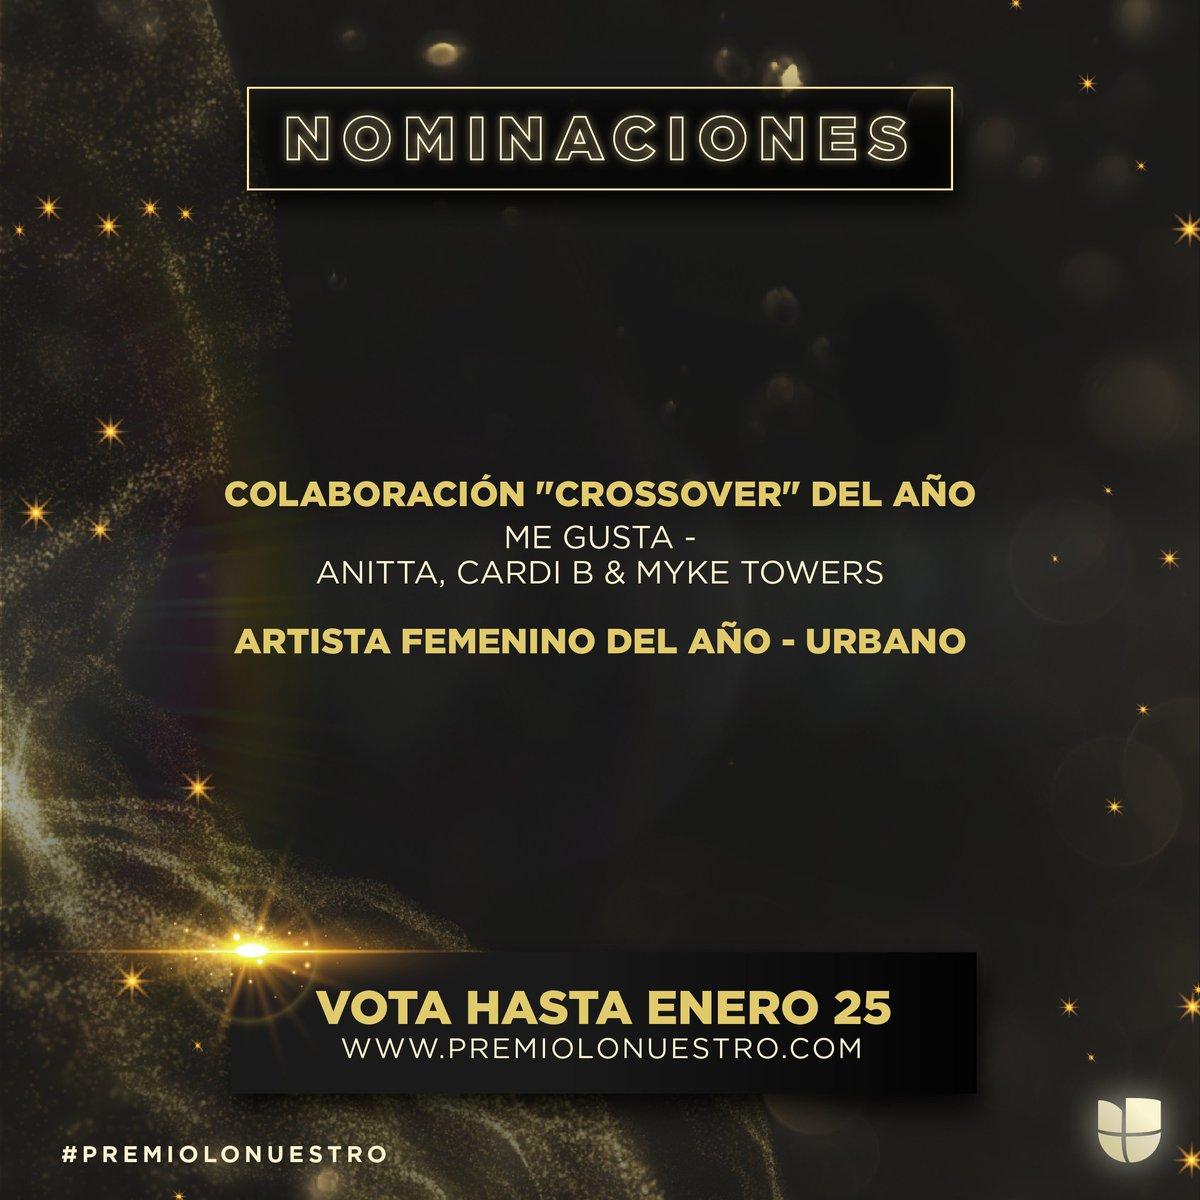 2021 started with two nominations at the @premiolonuestro! ❤️ Thank you so much! You can vote until January 25th!  ¡2021 empezó con dos nominaciones al Premio Lo Nuestro! ¡Gracias por eso! ¡Ya pueden votar hasta el 25 de enero!